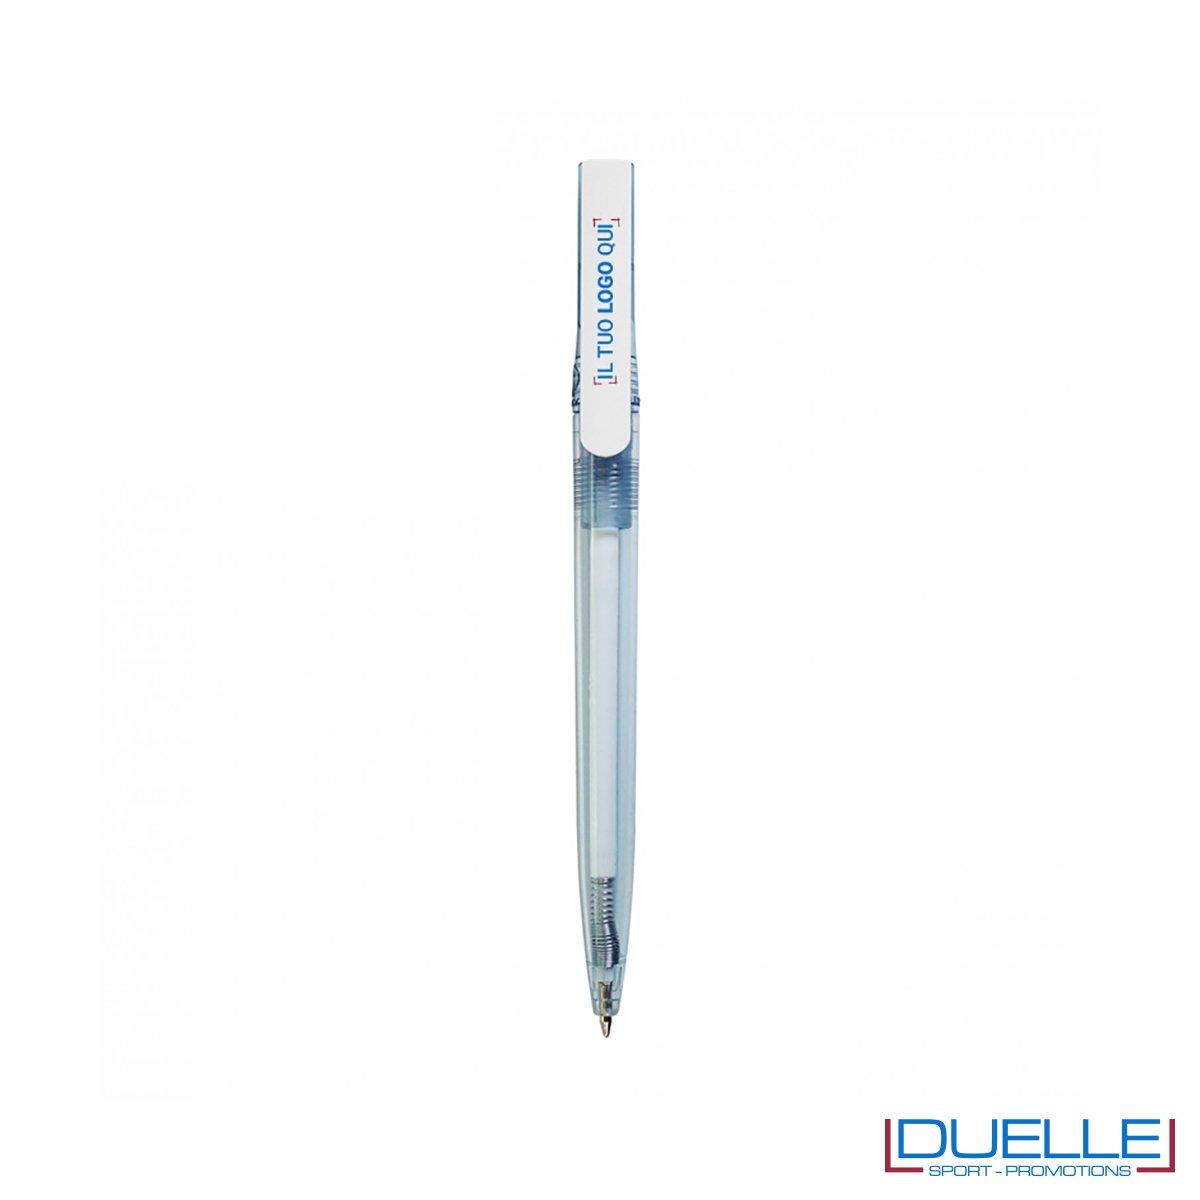 Penna in R-pet 100% riciclata clip colore bianco